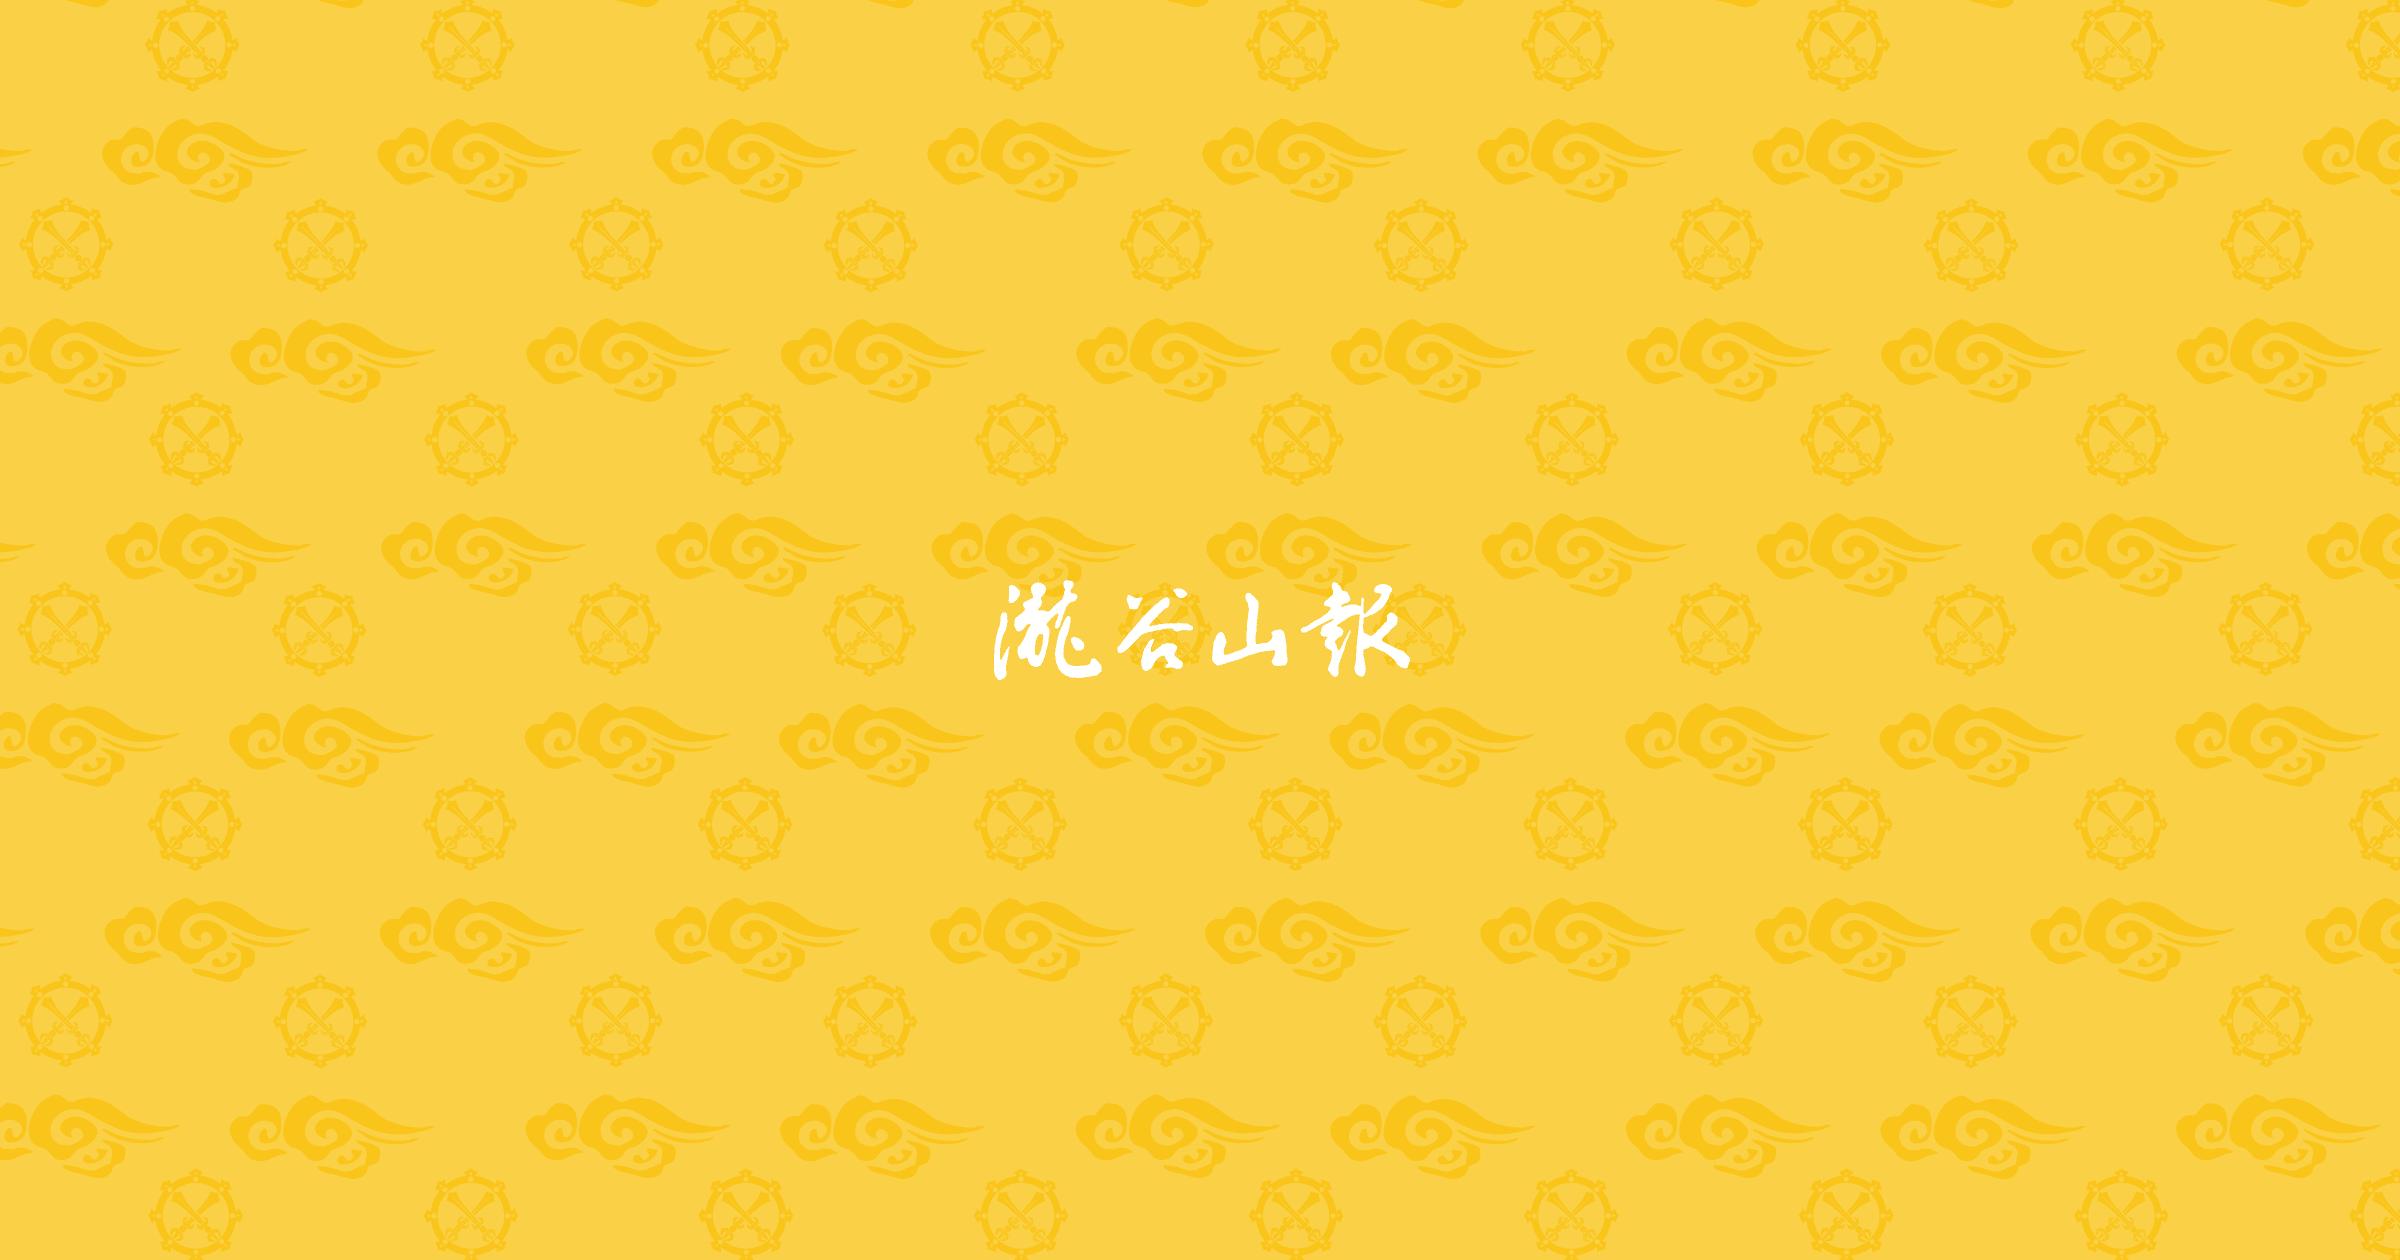 瀧谷山報 秋季号(通巻166号)を発行いたしました。